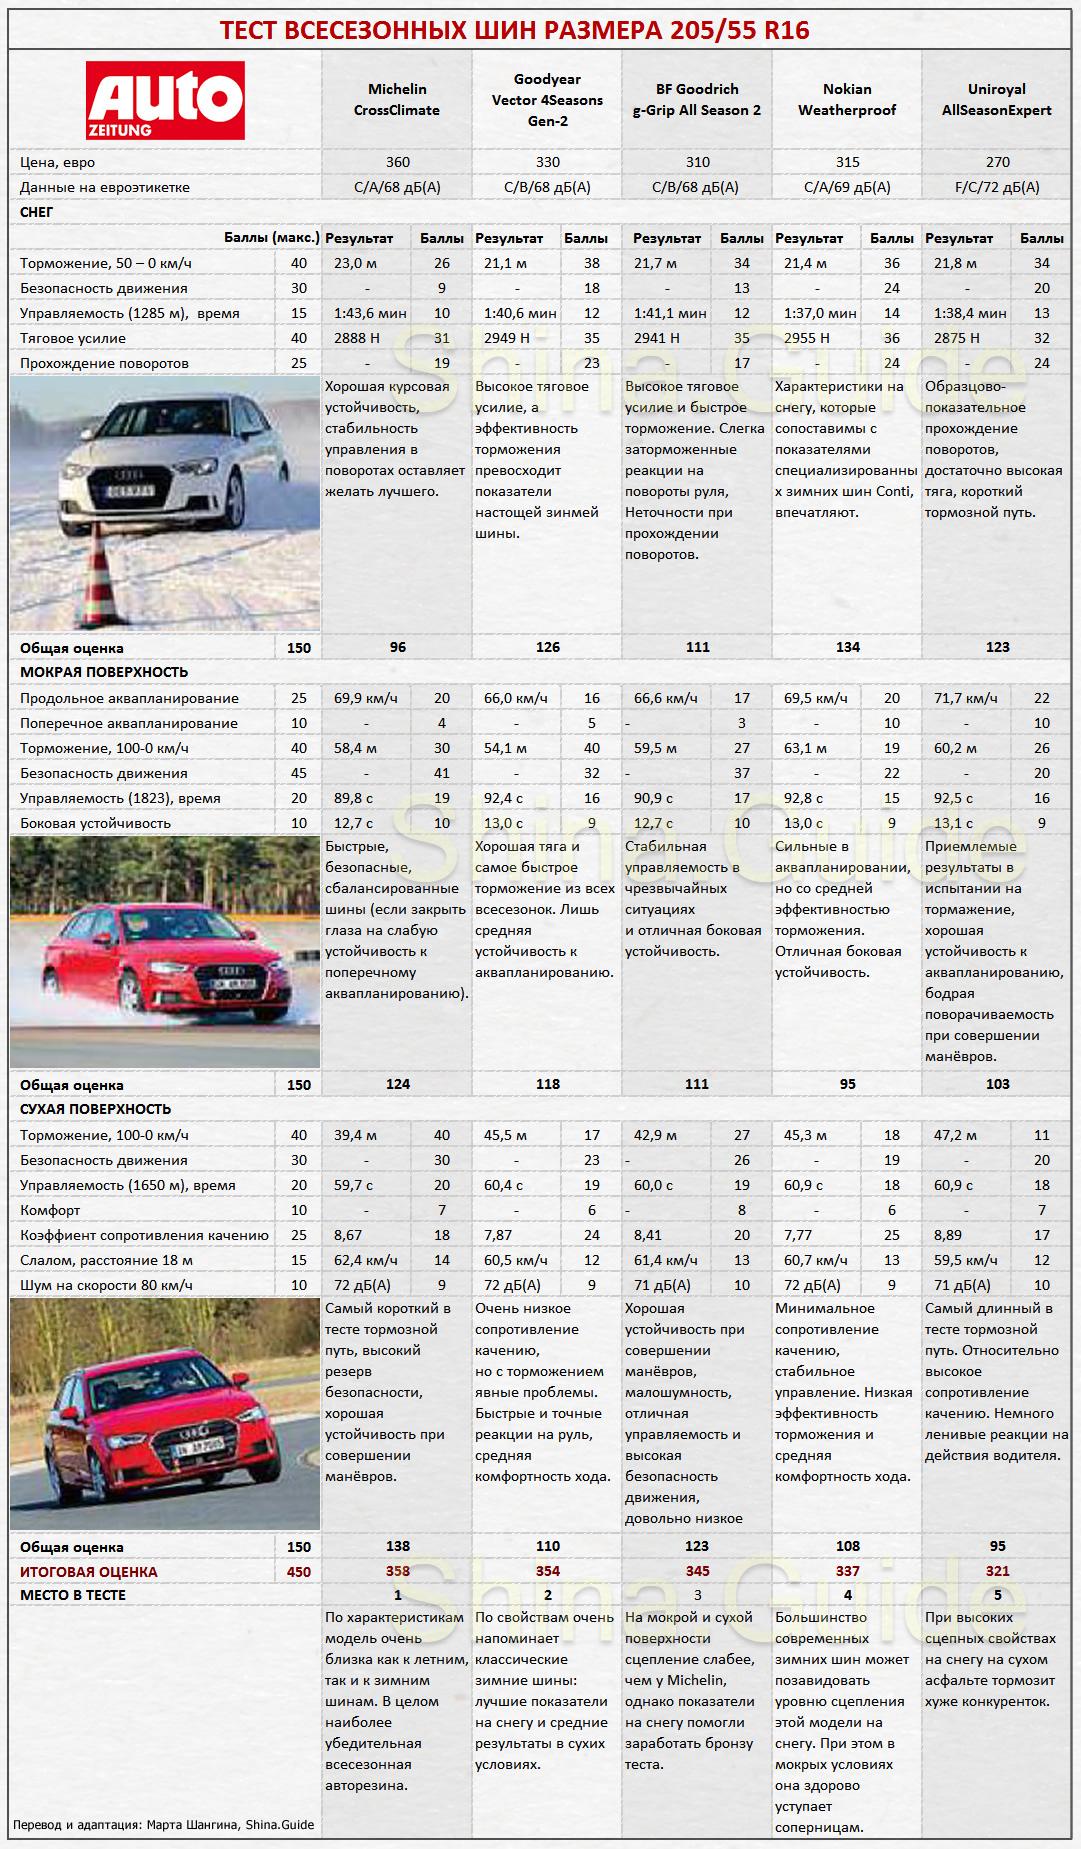 Сводная таблица результатов теста 2017 всесезонных шин 205/55 R16 от Auto Zeitung. Места с 1 по 5